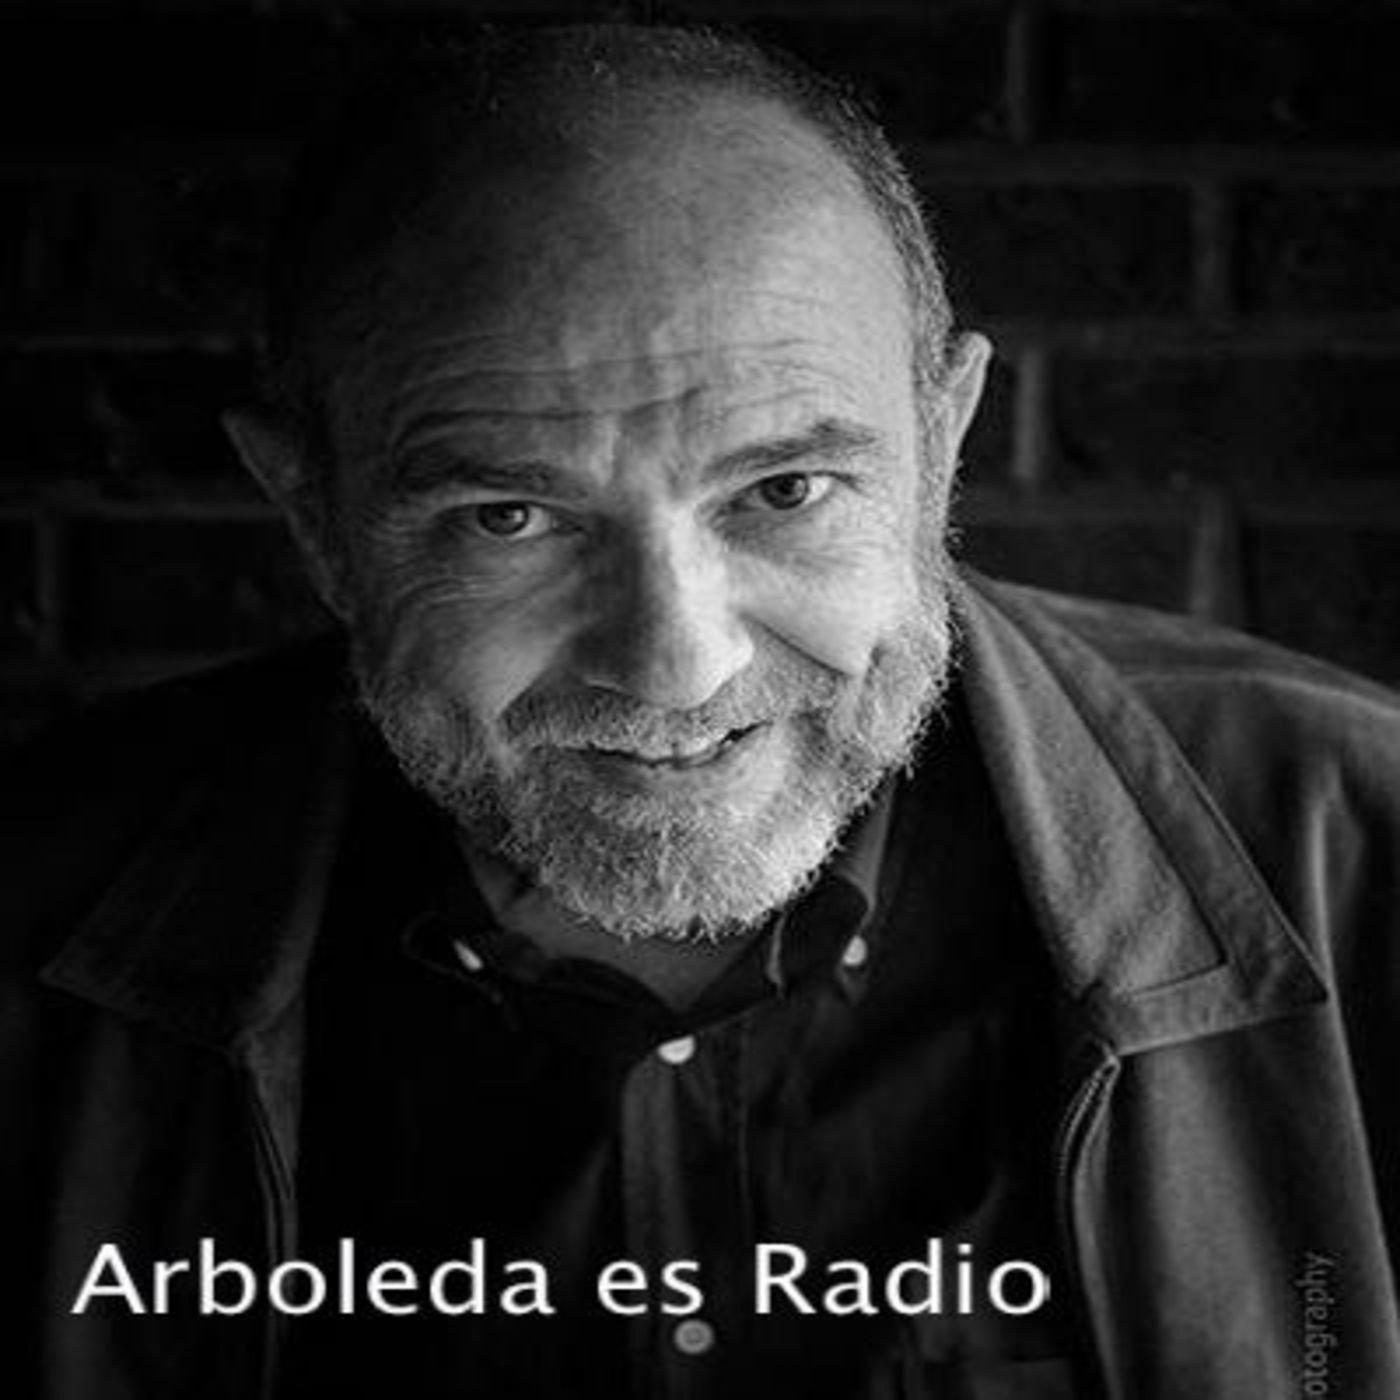 <![CDATA[Arboleda es Radio]]>